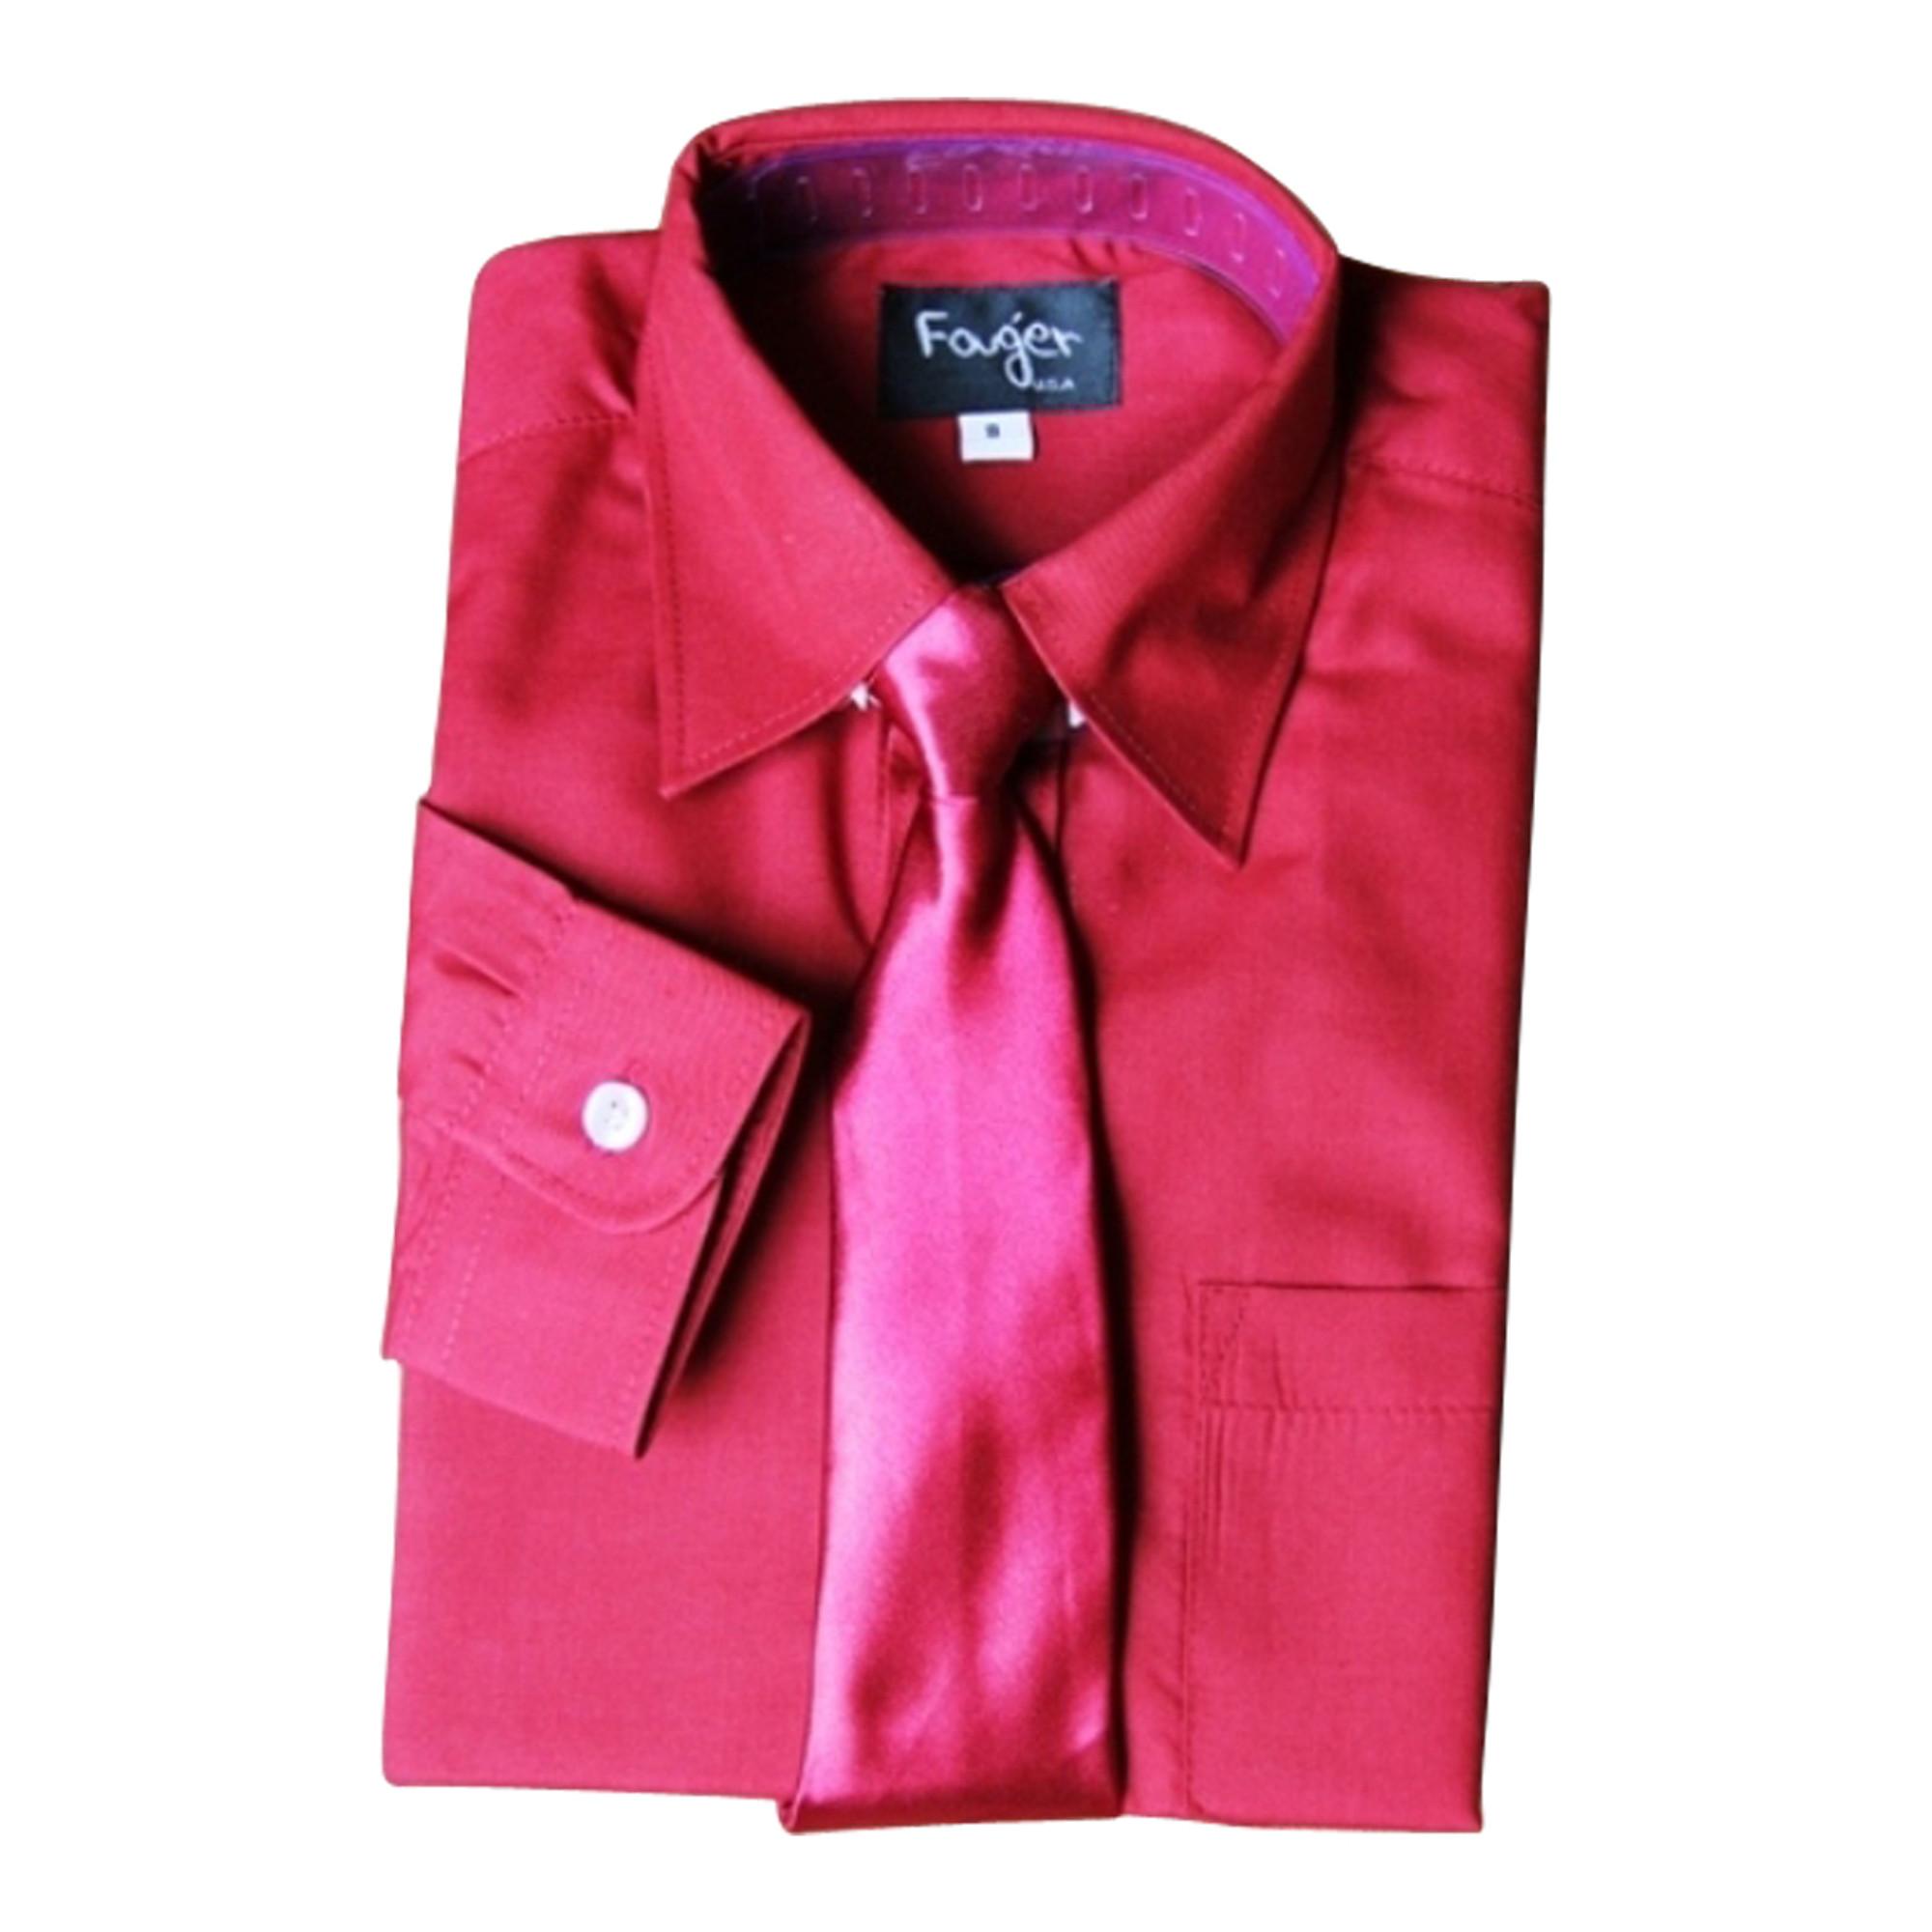 BIMARO Jungen Kinderhemd mit Krawatte dunkelrot rot Hemd Langarm Baumwollmischung  Weihnachten Hochzeit Kommunion Taufe